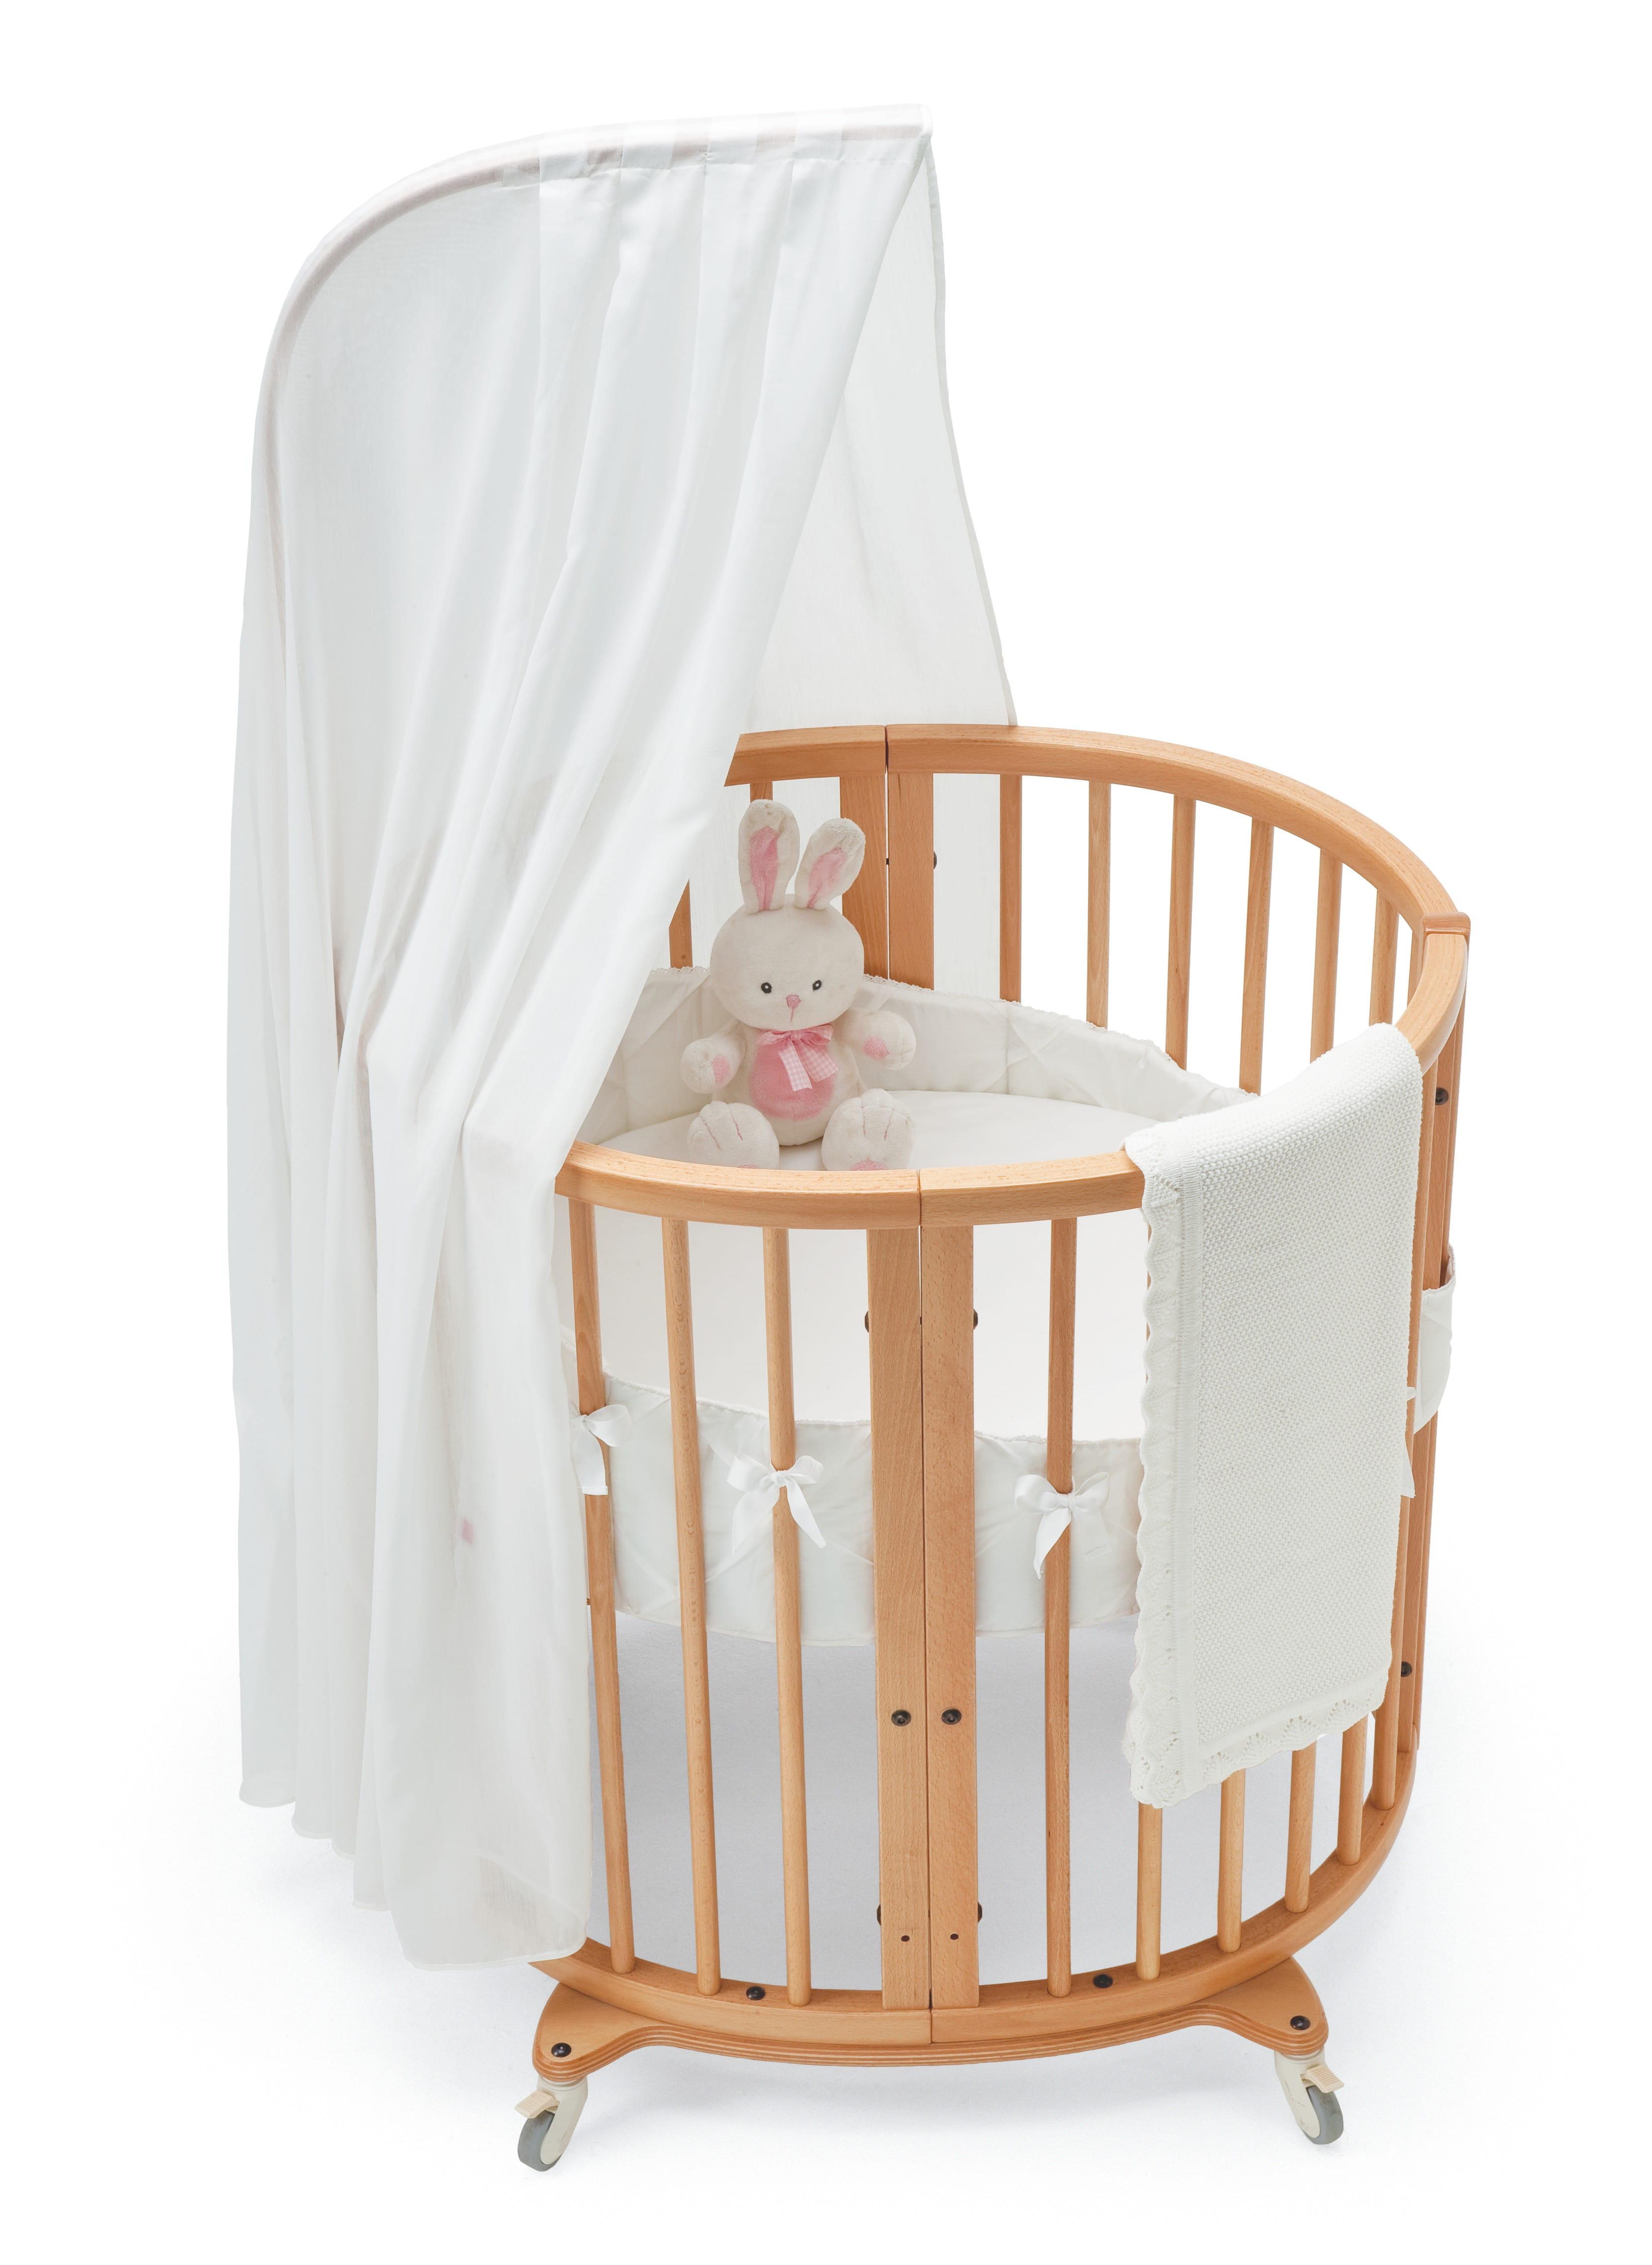 lit bebe stokke. Black Bedroom Furniture Sets. Home Design Ideas